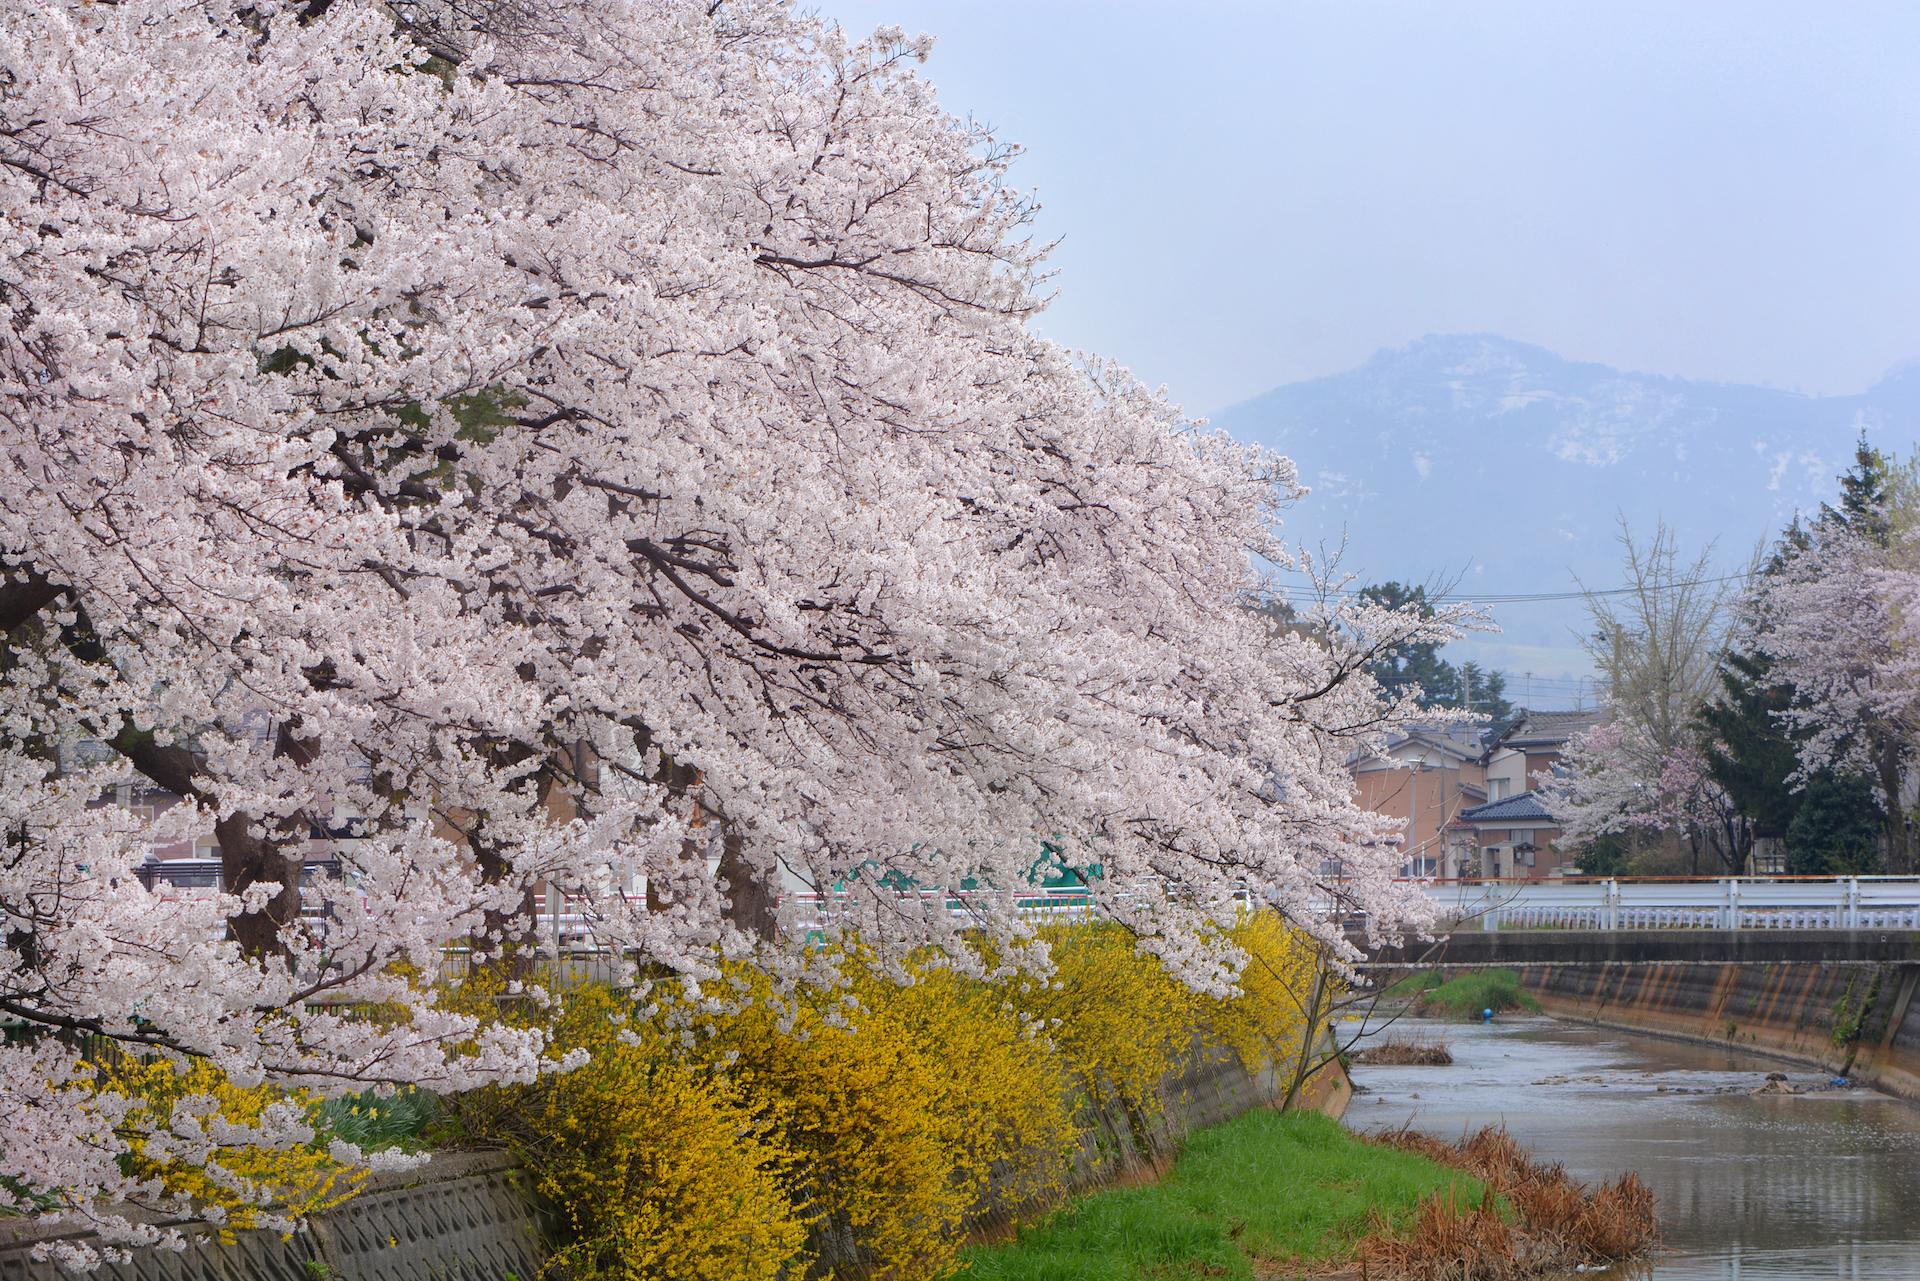 春の柿川/ソメイヨシノとレンギョウ/残雪の東山連峰